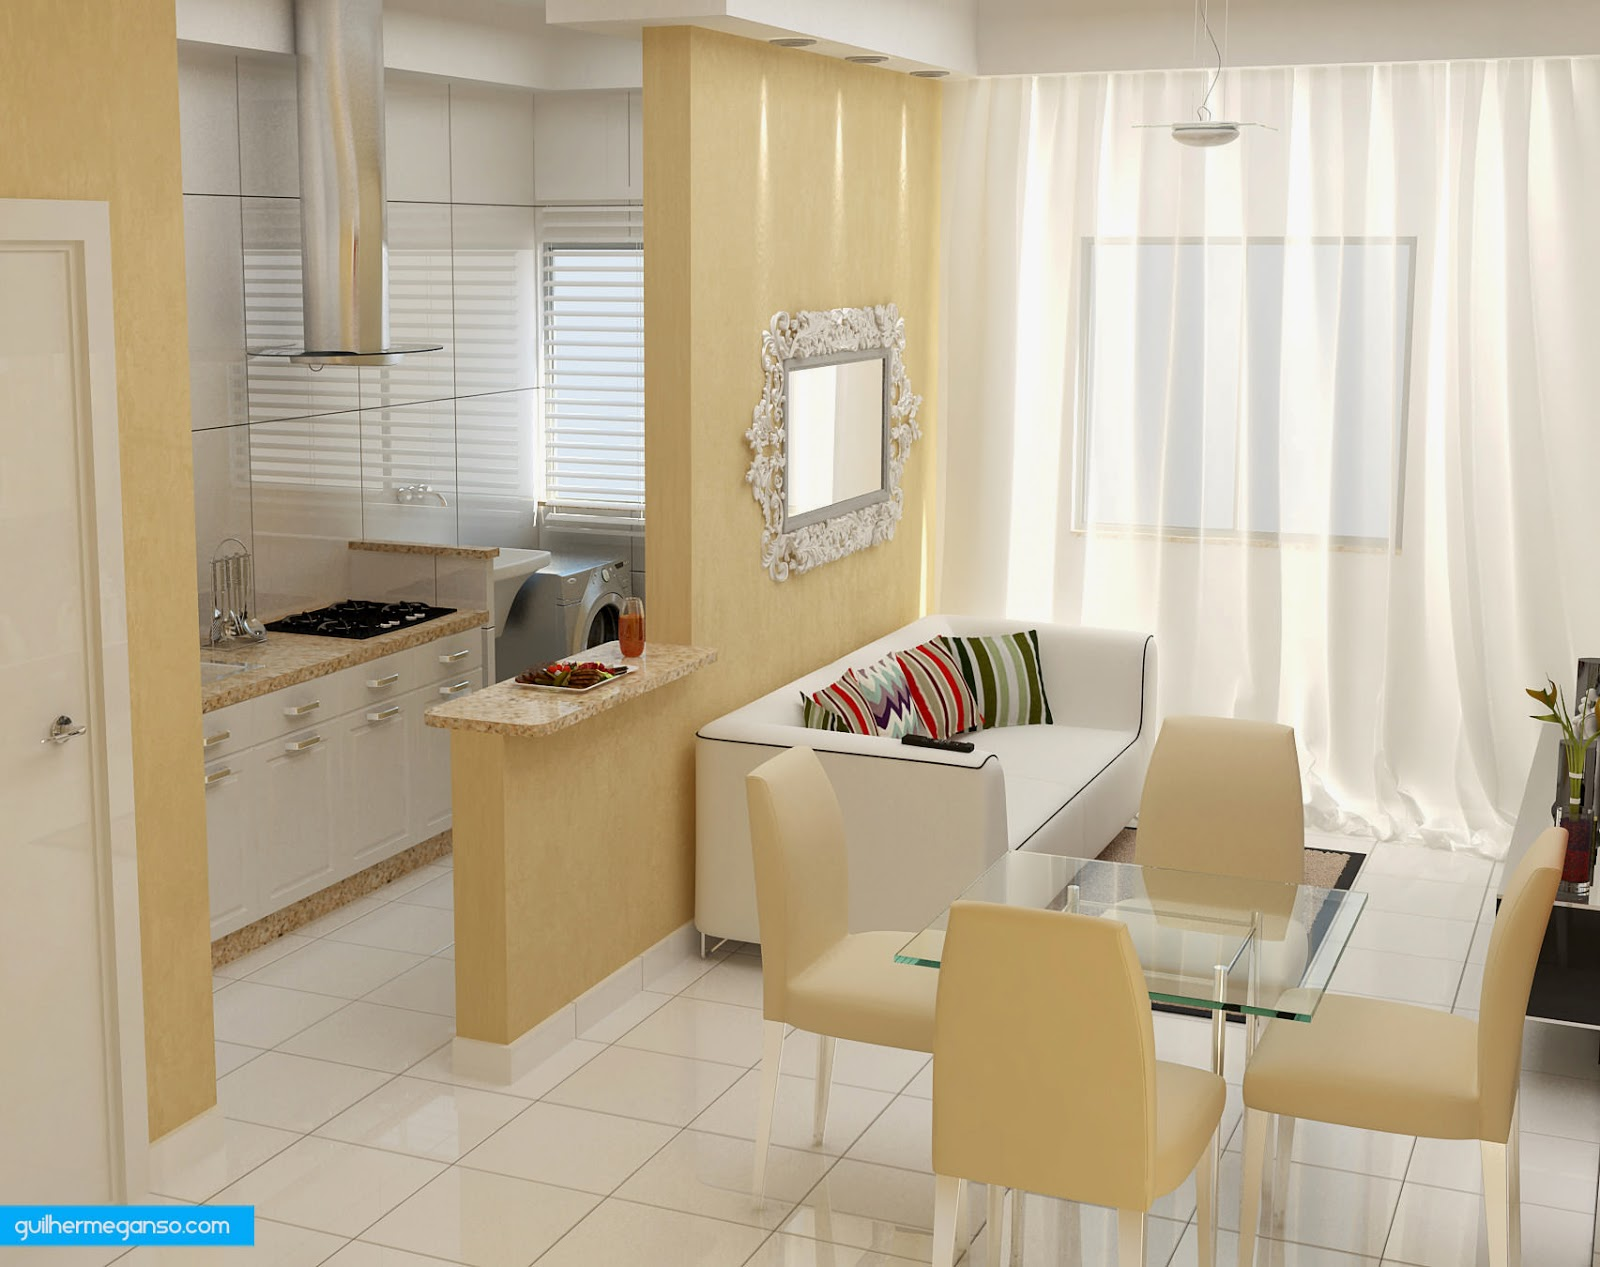 Sala De Estar E Cozinha No Mesmo Ambiente Oppenau Info -> Sala E Cozinha Mesmo Ambiente